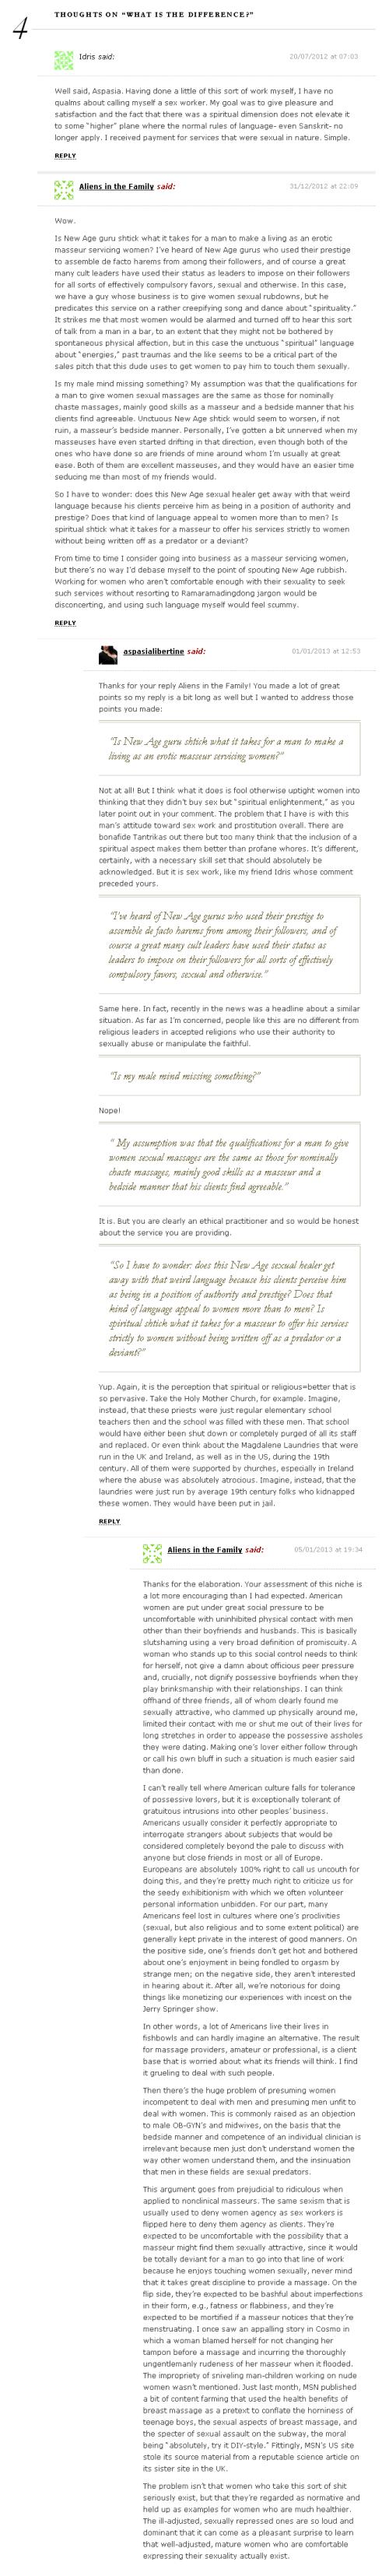 comments 5-25-12